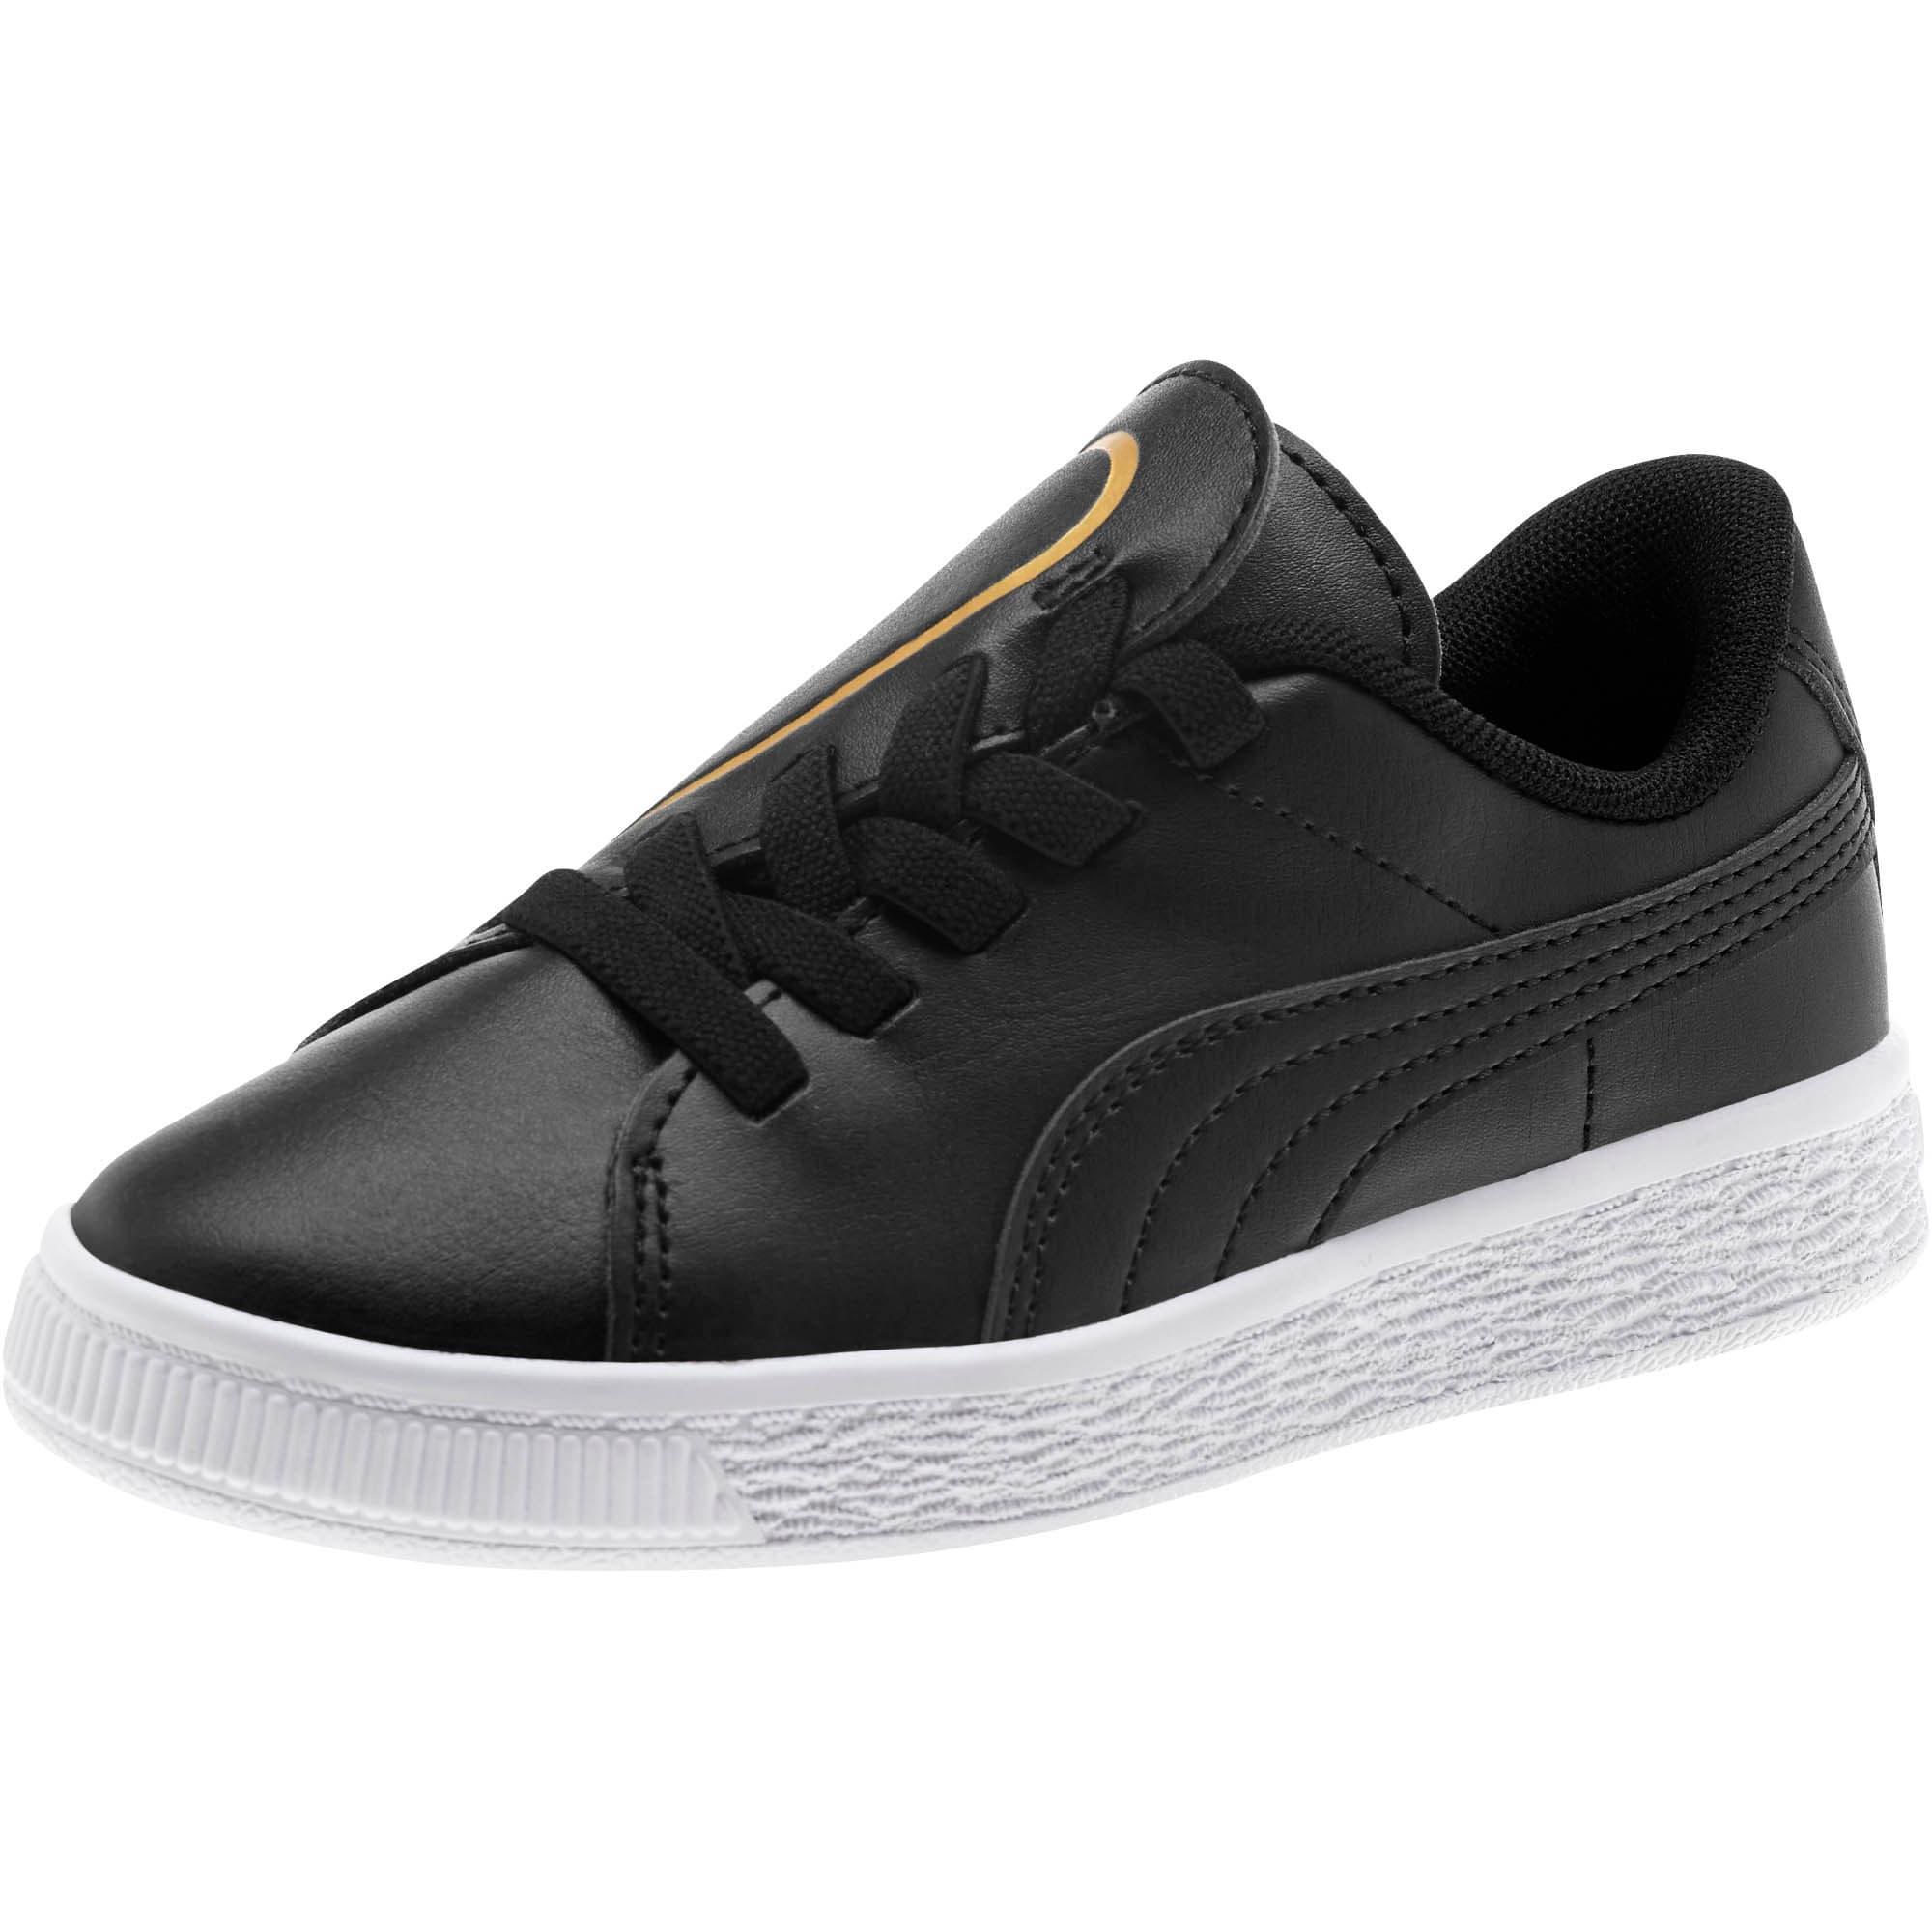 Miniatura 1 de Zapatos Basket Crush AC para niños, Puma Black-Puma Team Gold, mediano